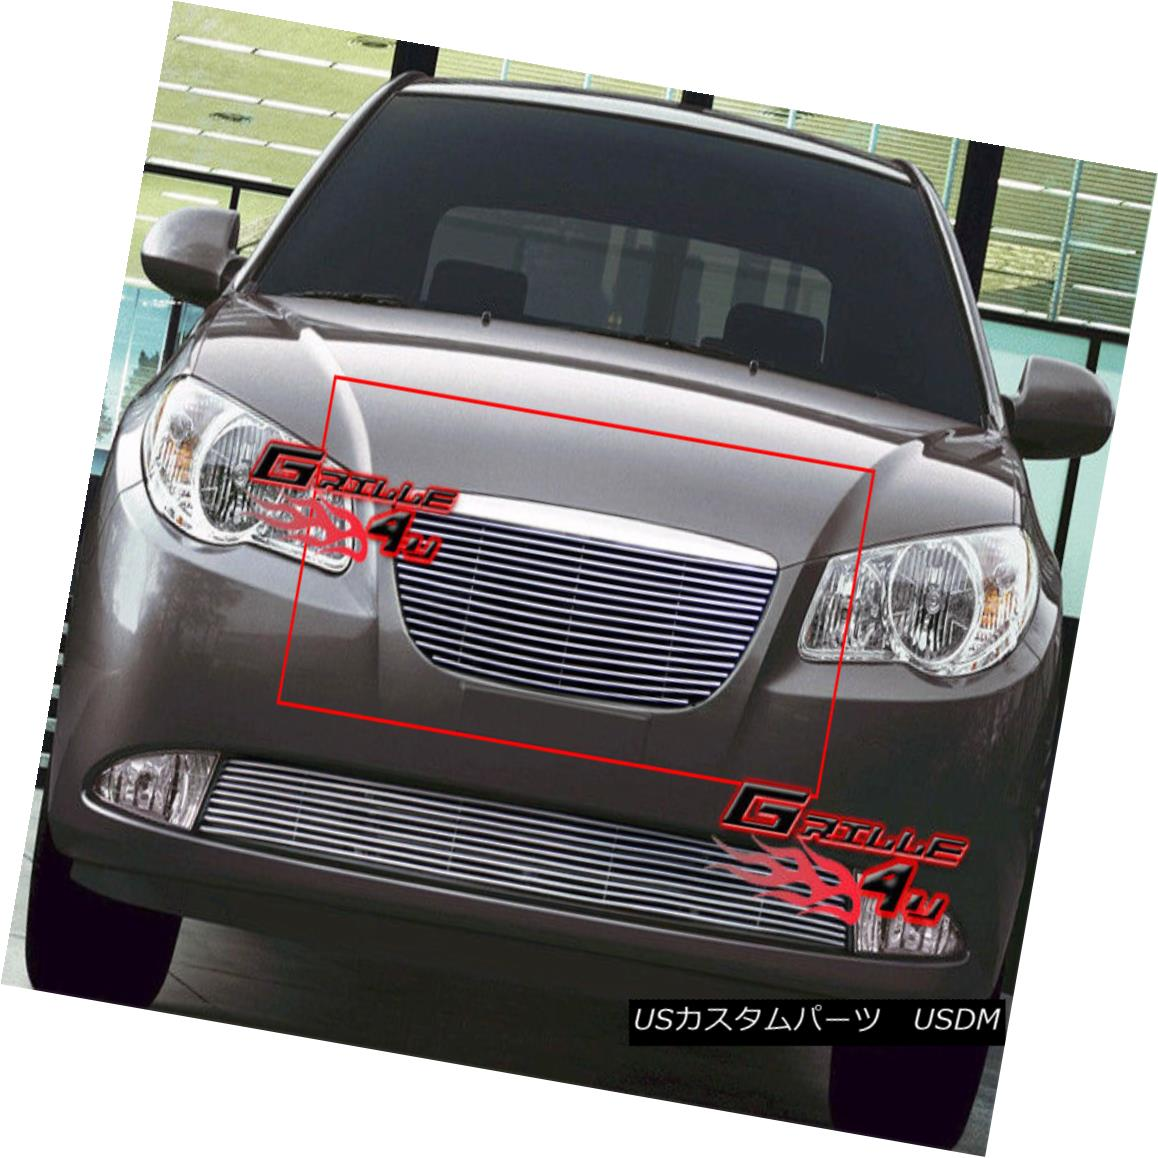 グリル Fits 07-10 Hyundai Elantra Main Upper Billet Grille Insert 07-10 Hyundai Elantraメインアッパービレットグリルインサート